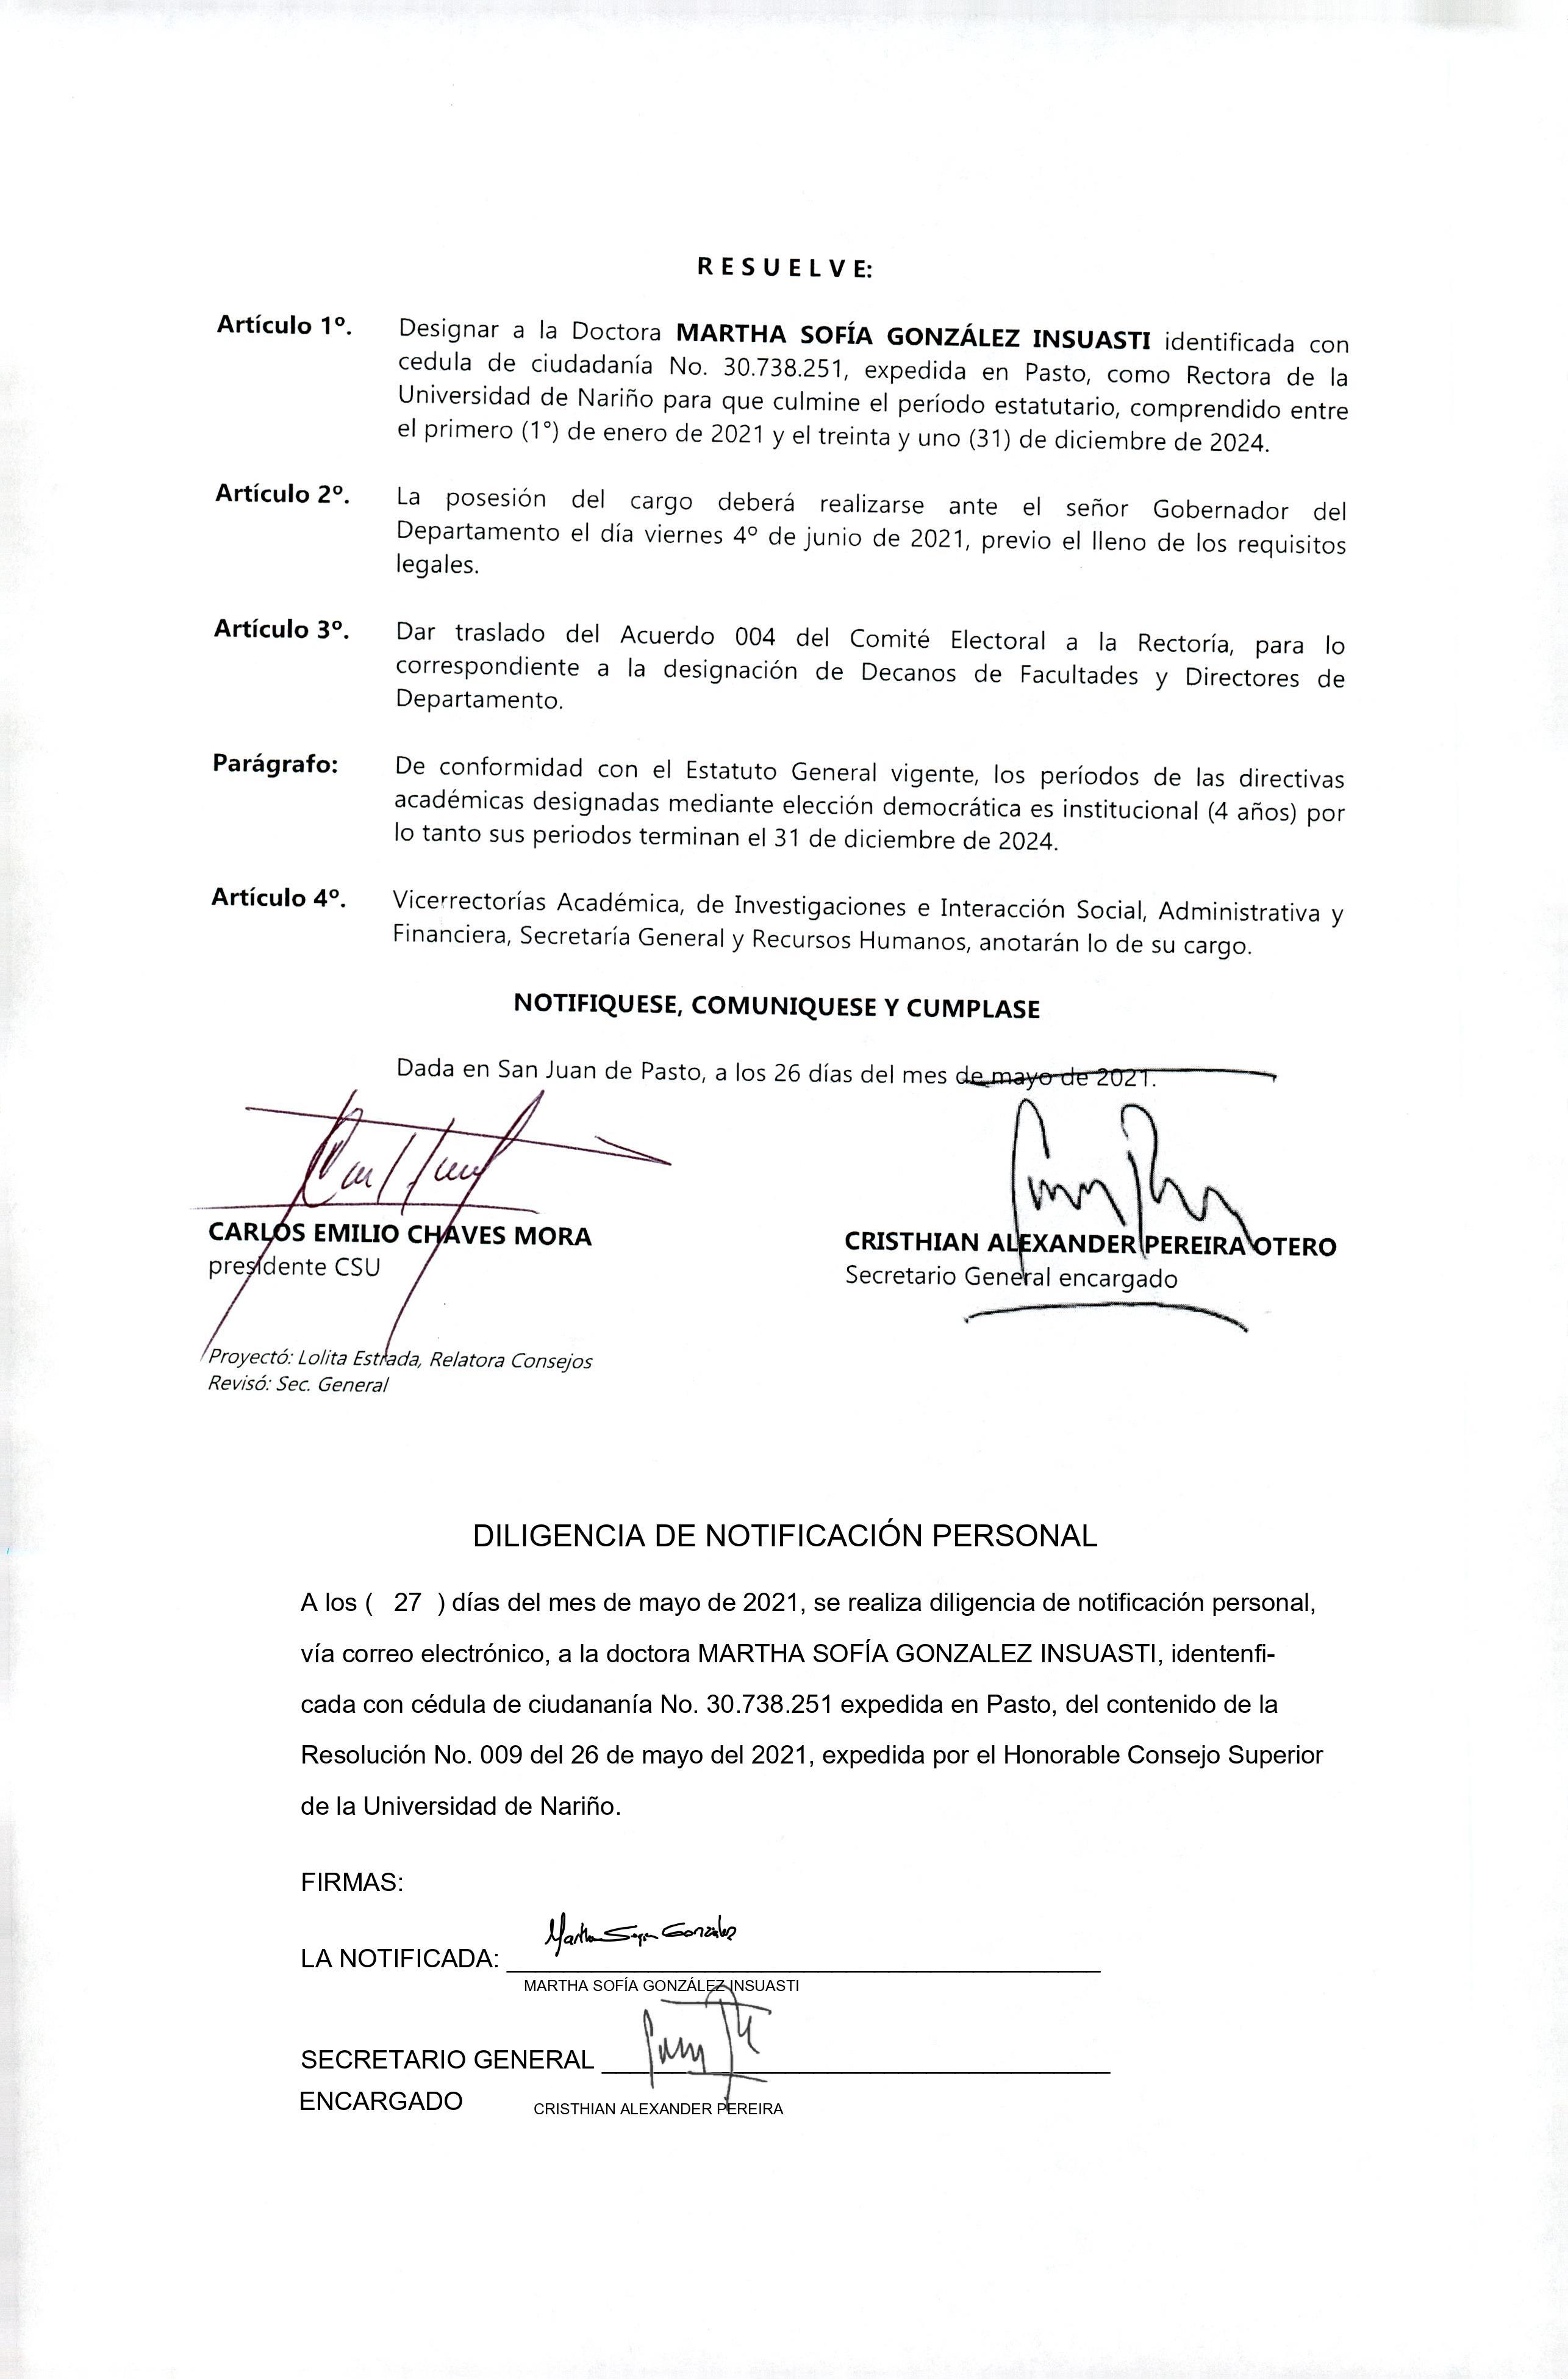 resolucion_009 _designacion_RECTORA_2021-2024_pag2